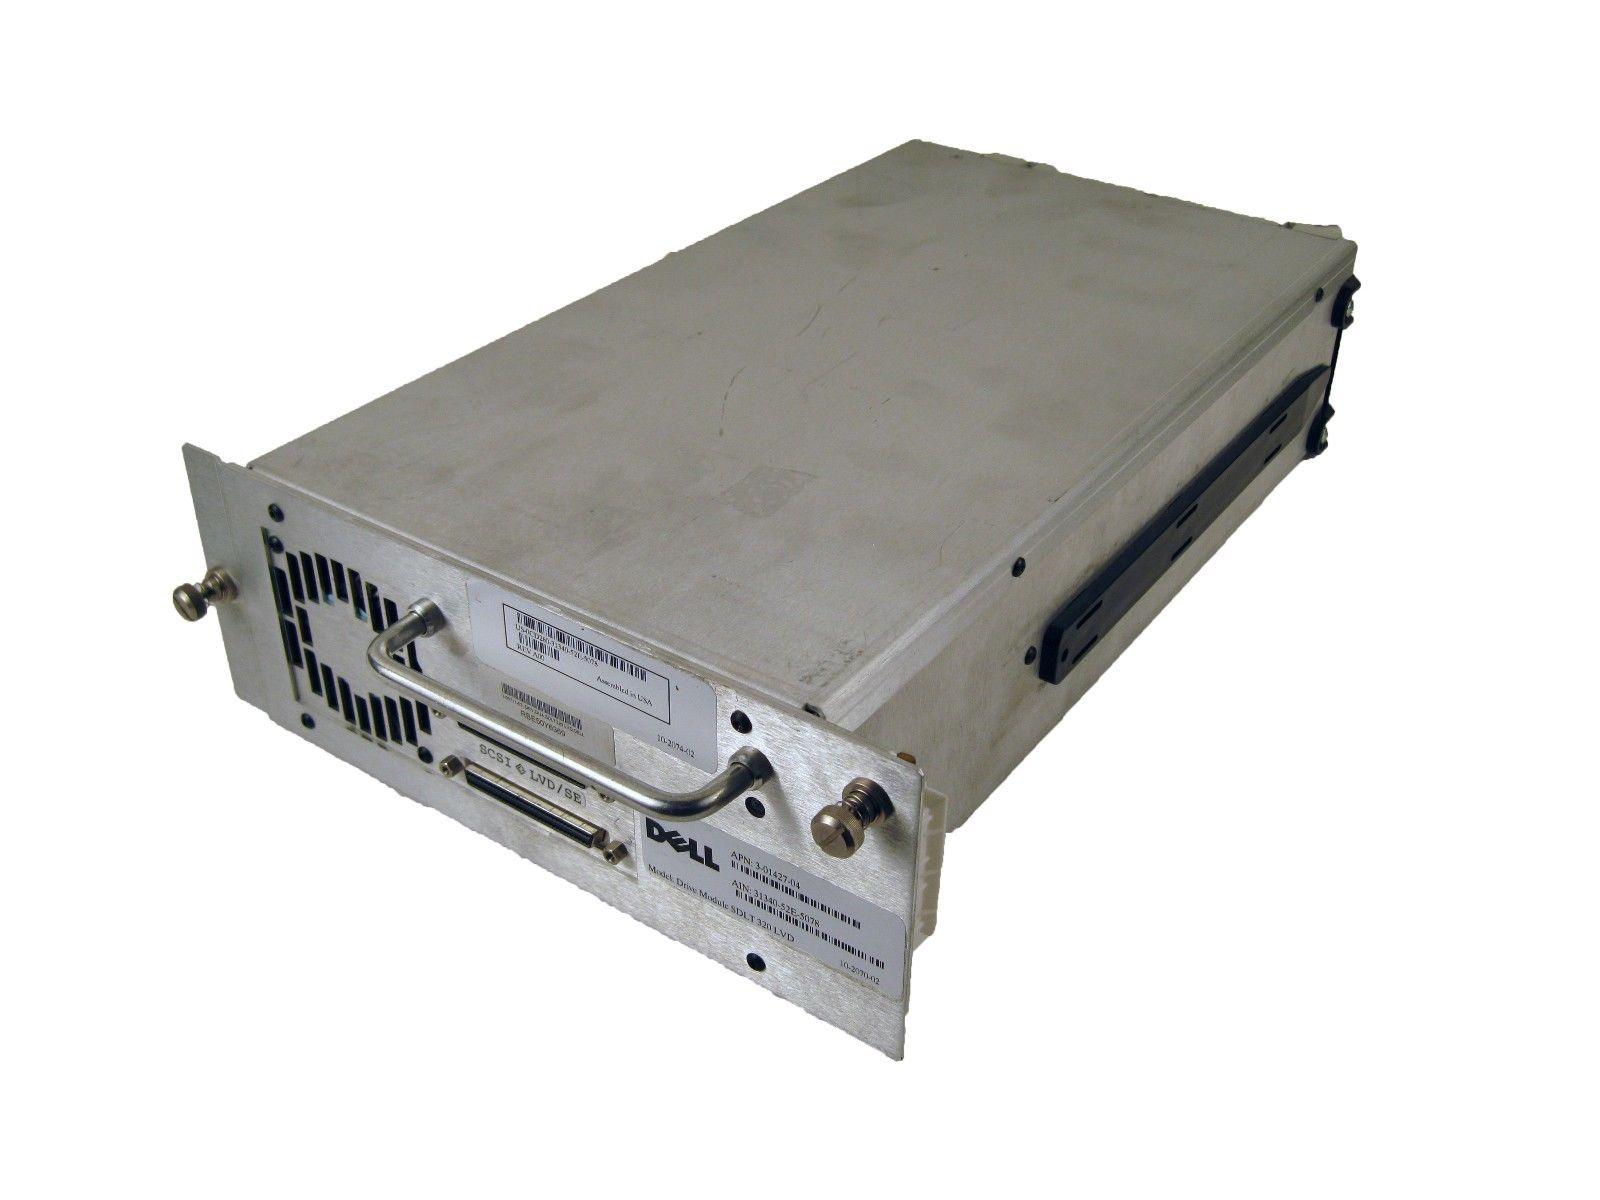 CD260 PowerVault 136T SDLT 320 SCSI LVD Loader Drive